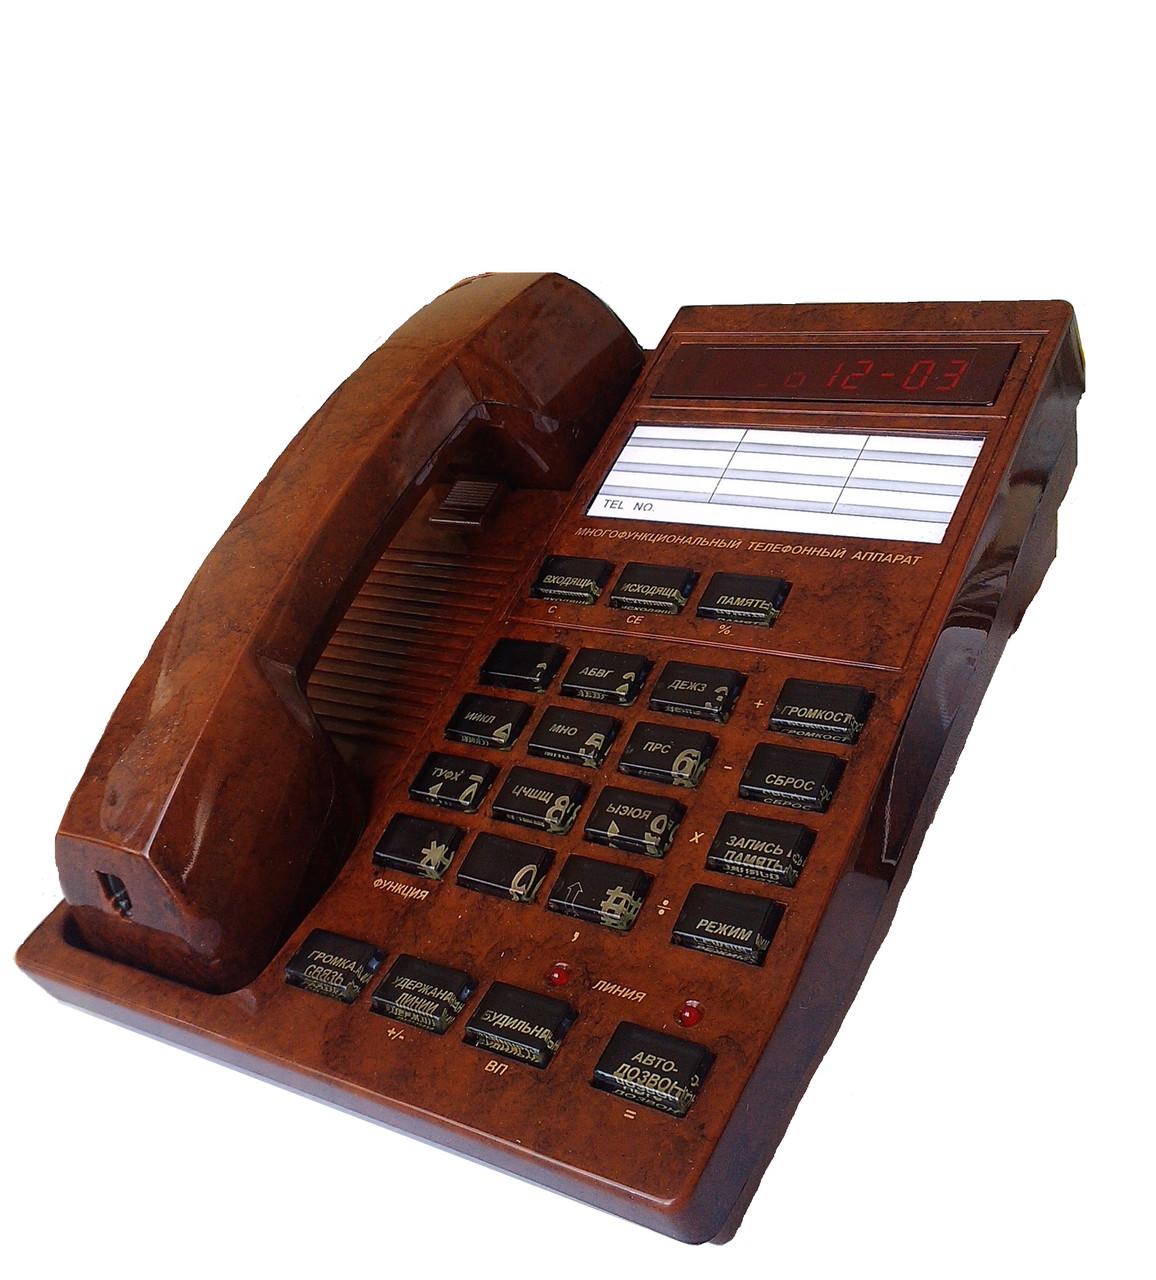 a7fe22f755fb0 Многофункциональный телефон с АОН Русь-27, цена 610 грн., купить в Харькове  — Prom.ua (ID#97621207)